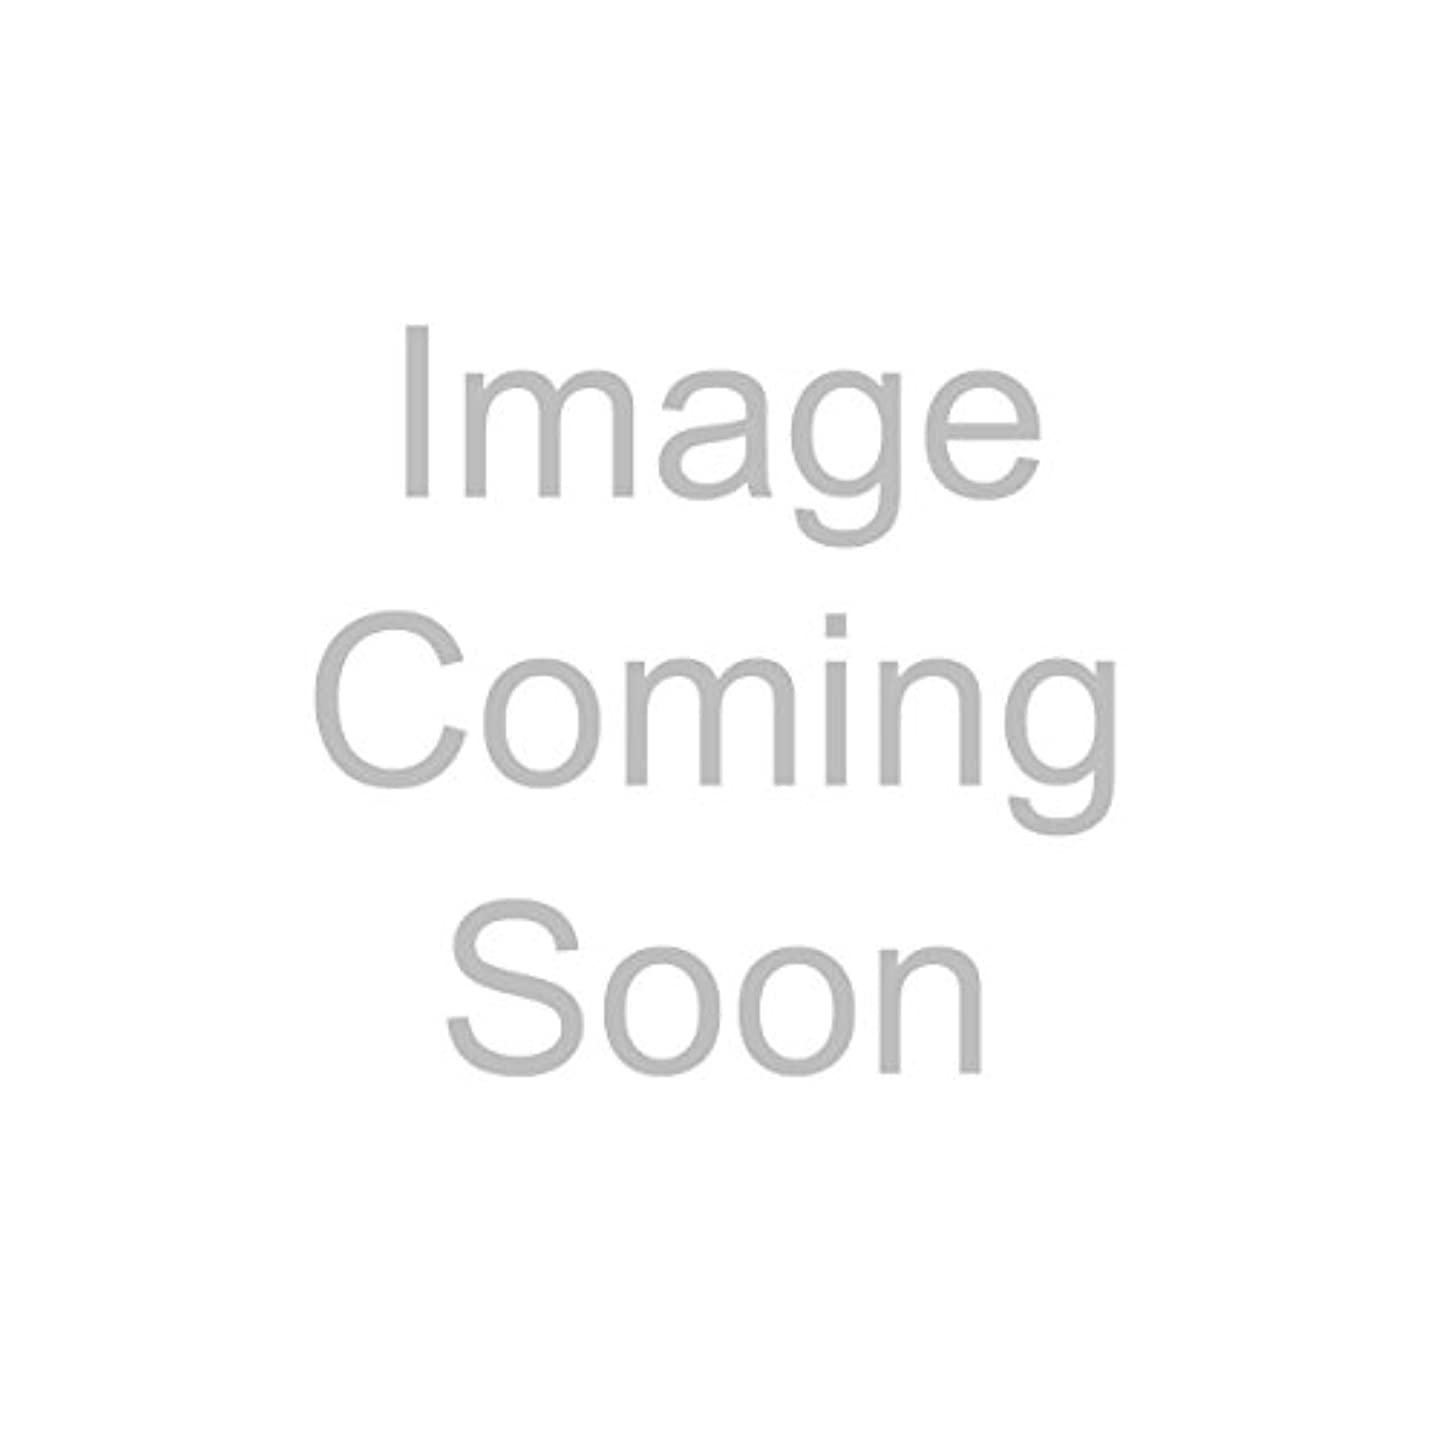 ダーリン願望男やもめナルシソ ロドリゲス フォーハー シャワージェル 200ml/6.7oz 200ml/6.7oz